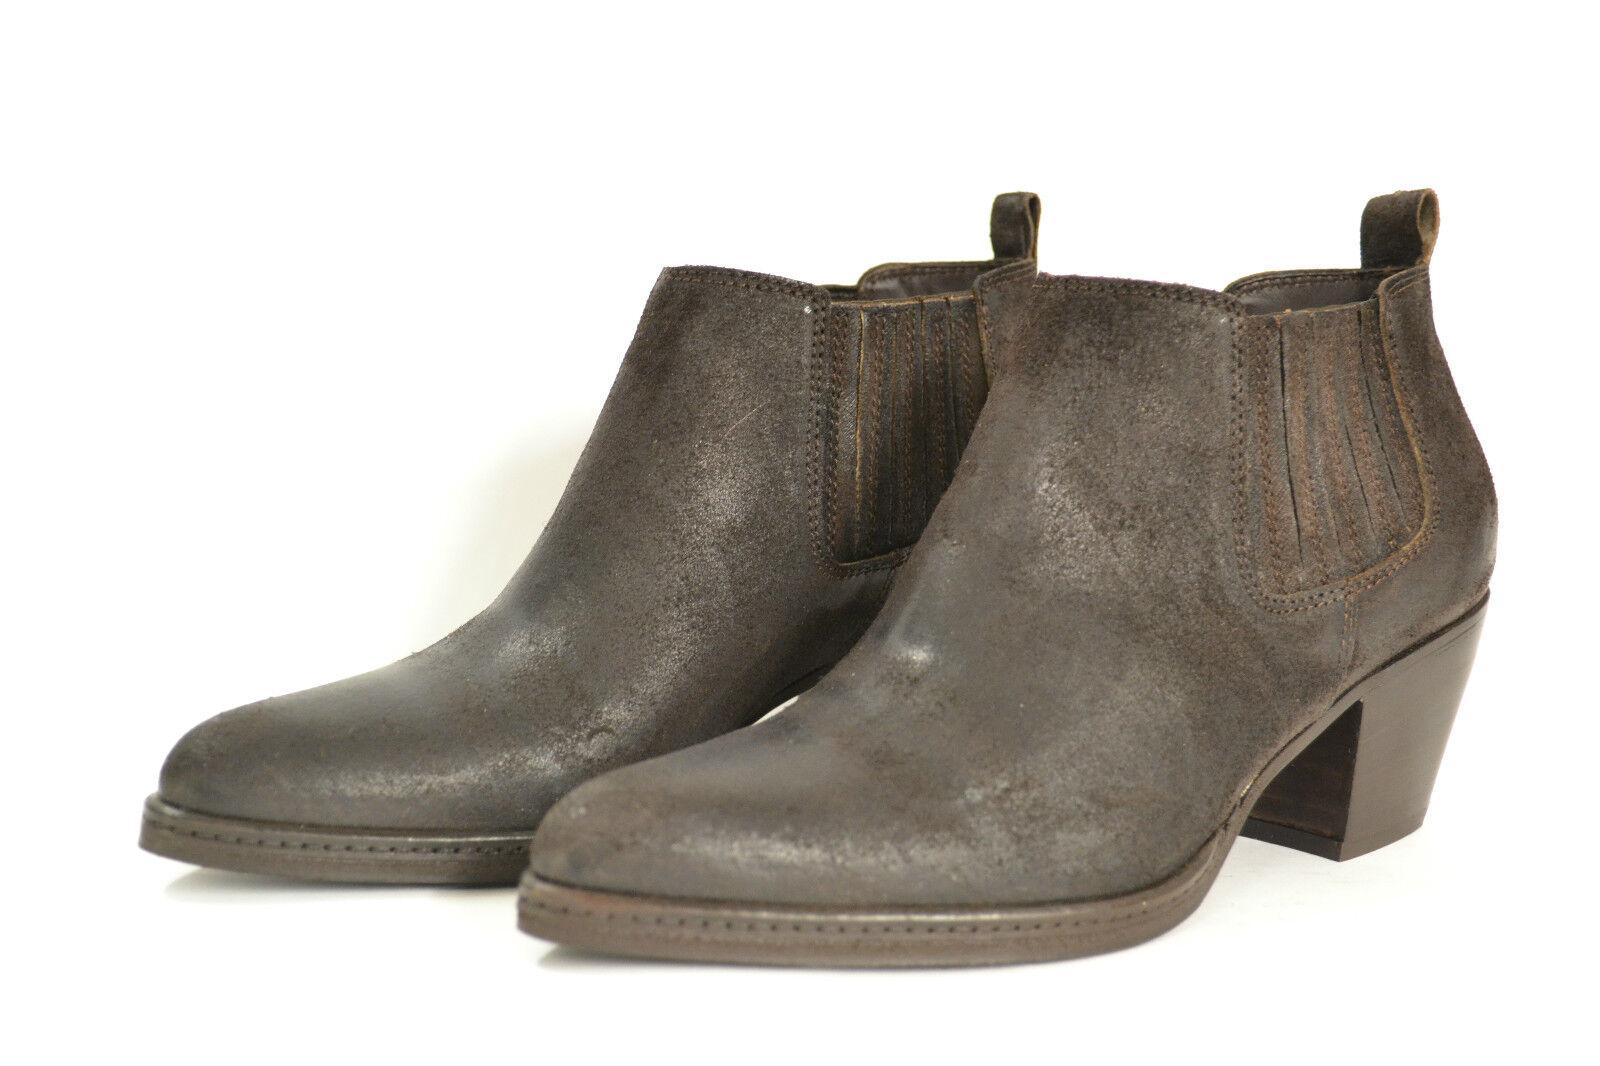 Grandes zapatos con descuento SALDI STIVALETTI DONNA SCAMOSCIATO MARRONE SCURO 35 36 37 MADE IN ITALY